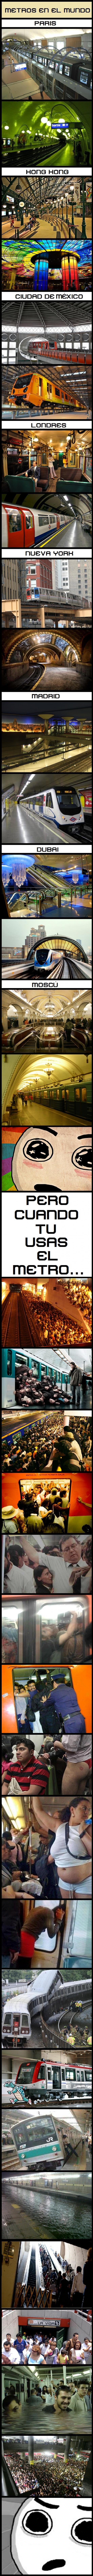 Amazed - Viajar en el metro